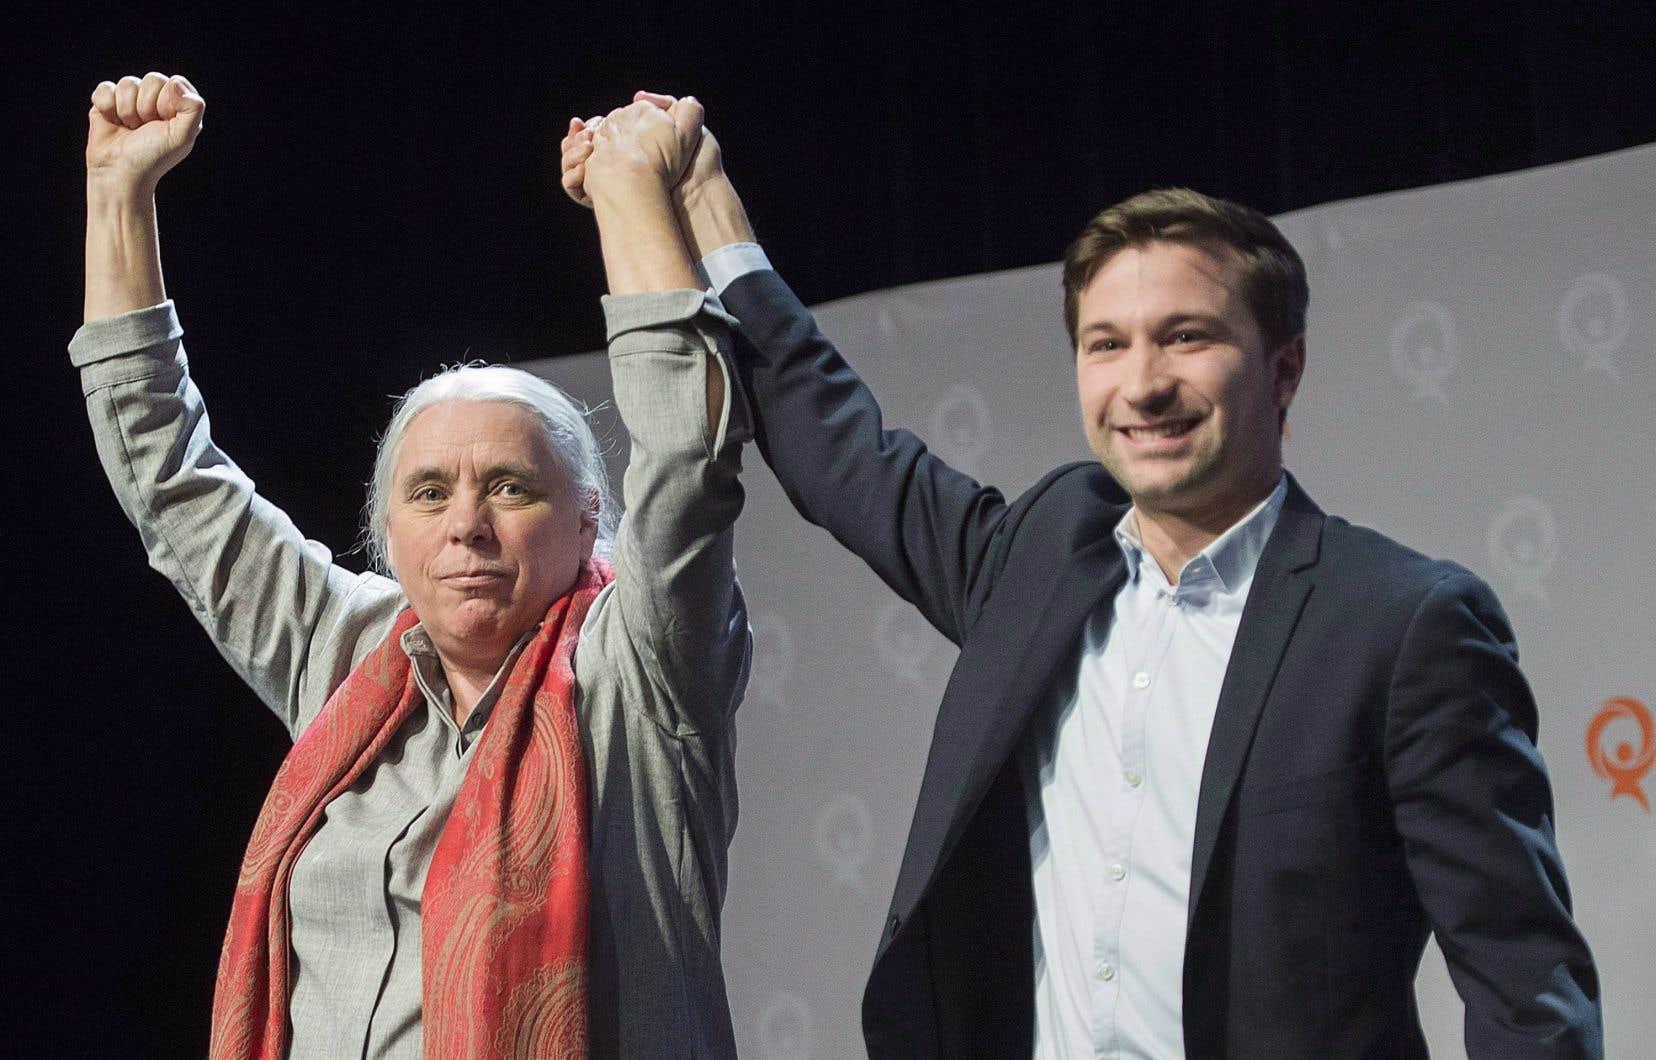 En guise de menace, QS prévient le gouvernement caquiste que la deuxième opposition va s'adonner à de l'obstruction parlementaire systématique s'il ne se plie pas à l'ultimatum.